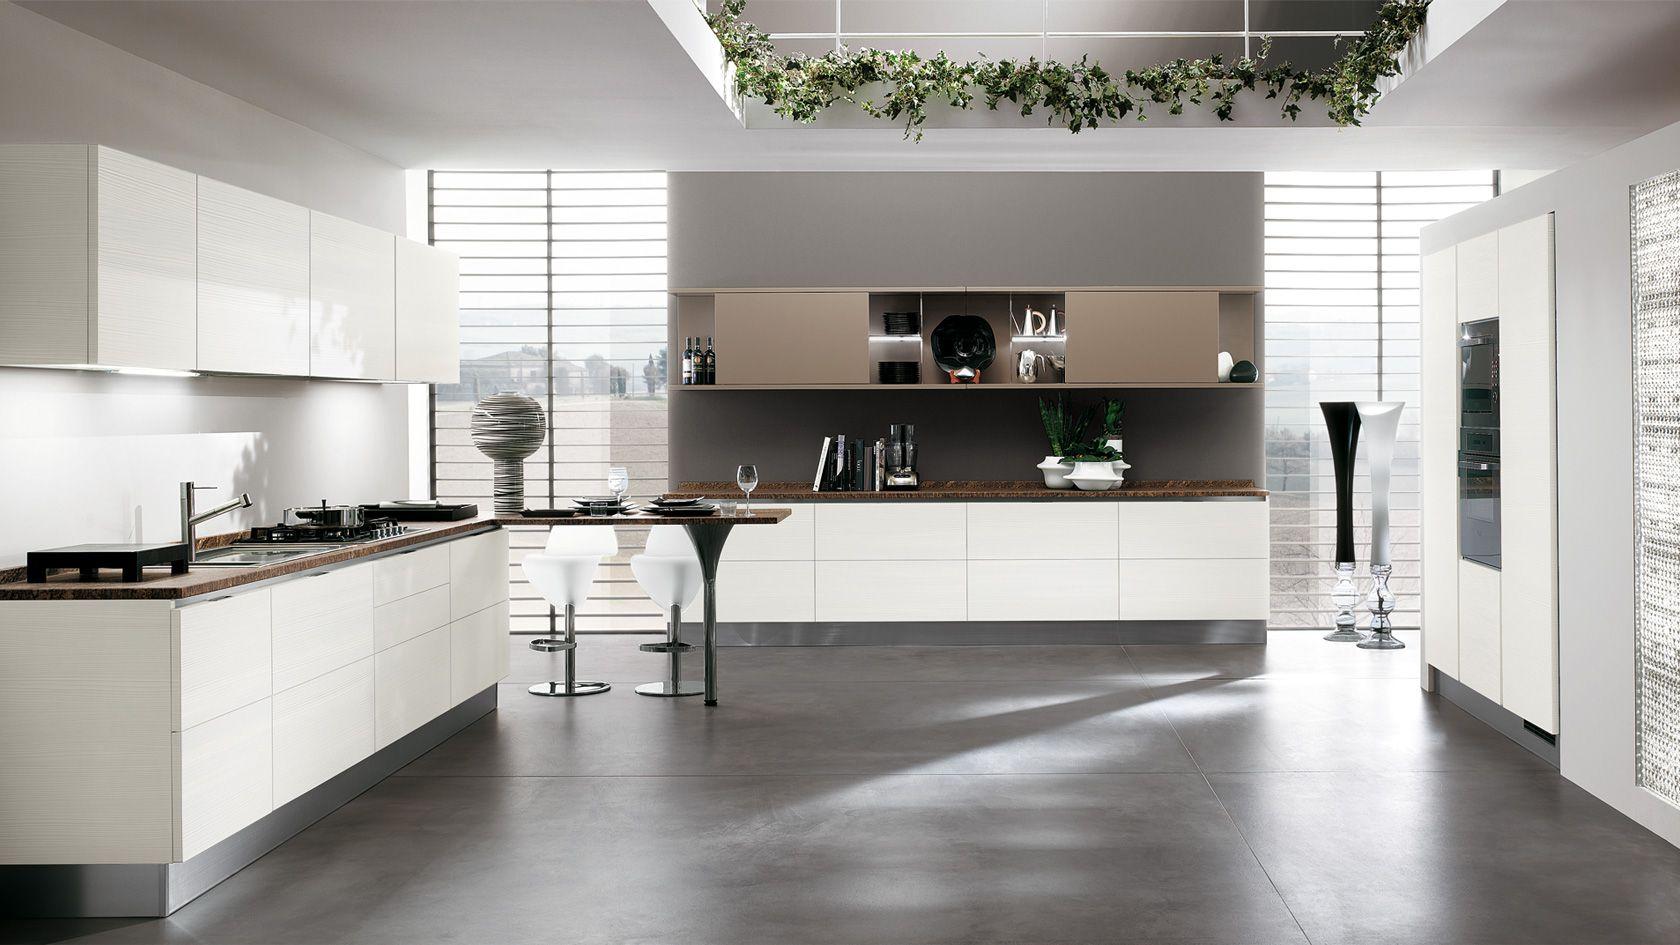 Cucina contemporanea Scenery | Sito ufficiale Scavolini | Cucine ...